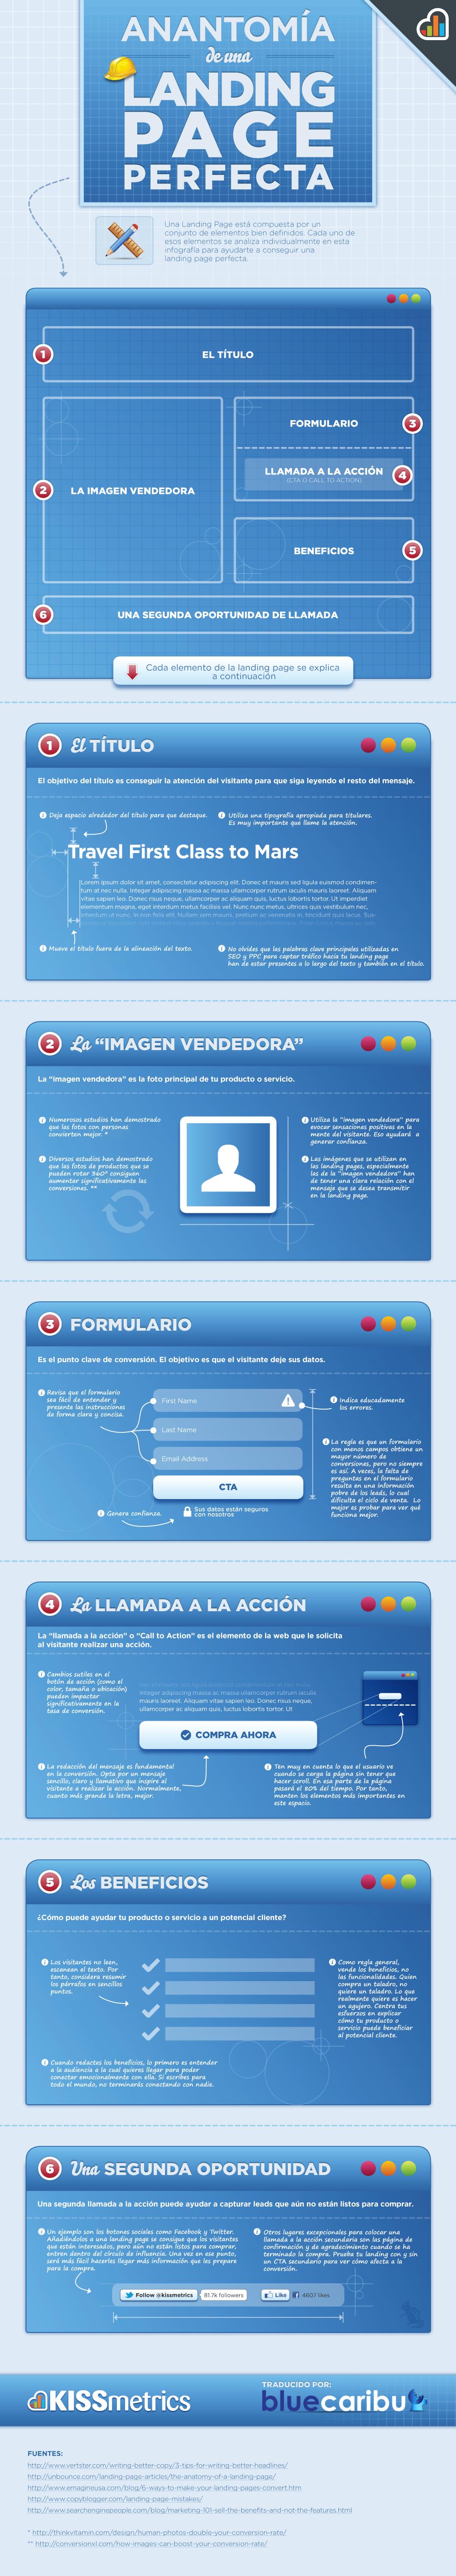 Anatomia de una landing page perfecta (Infografía)